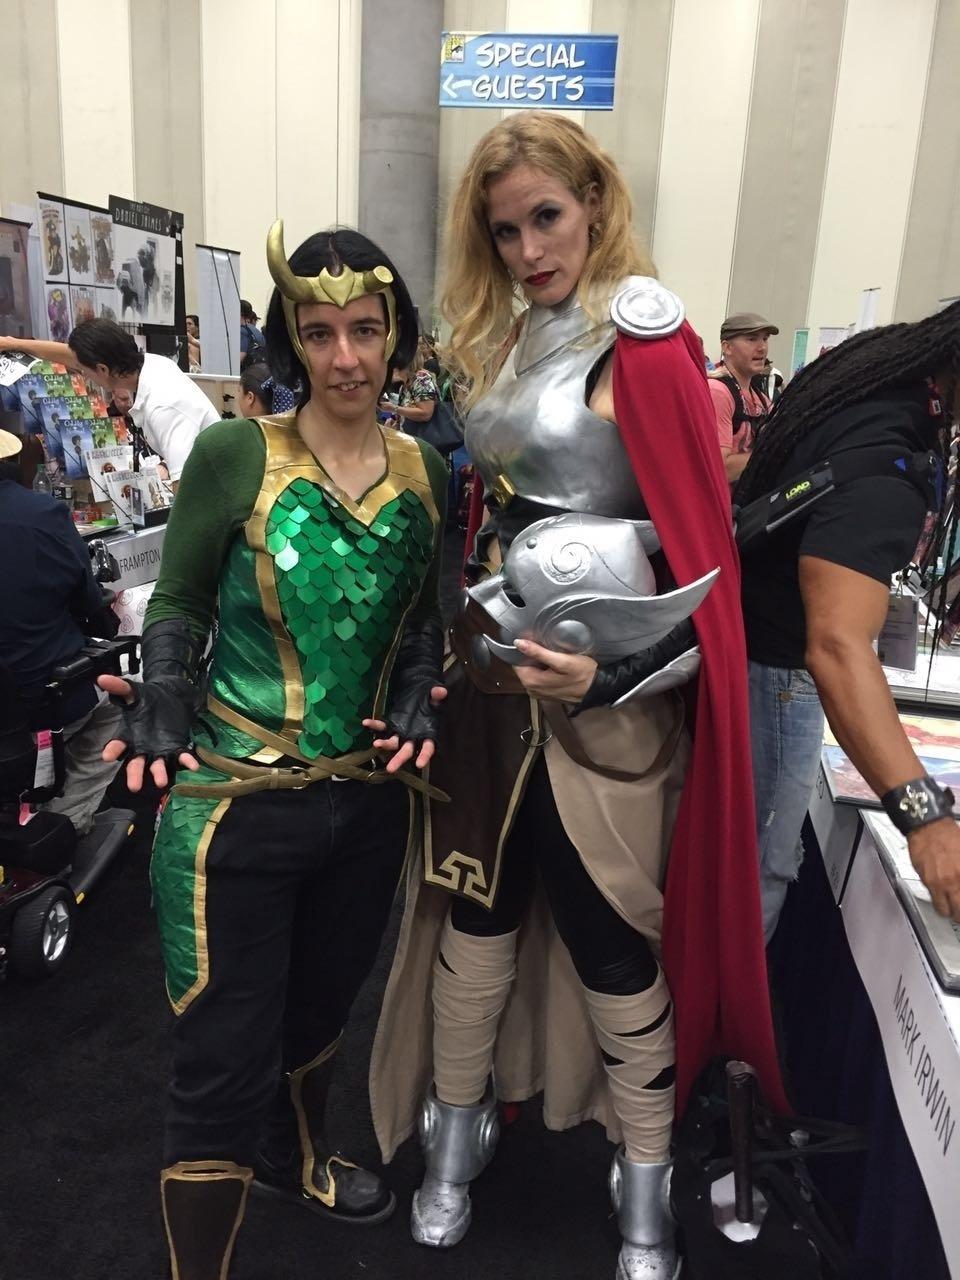 21.jul.2016 - Os deuses Loki e Thor ganham suas versões femininas na San Diego Comic-Con